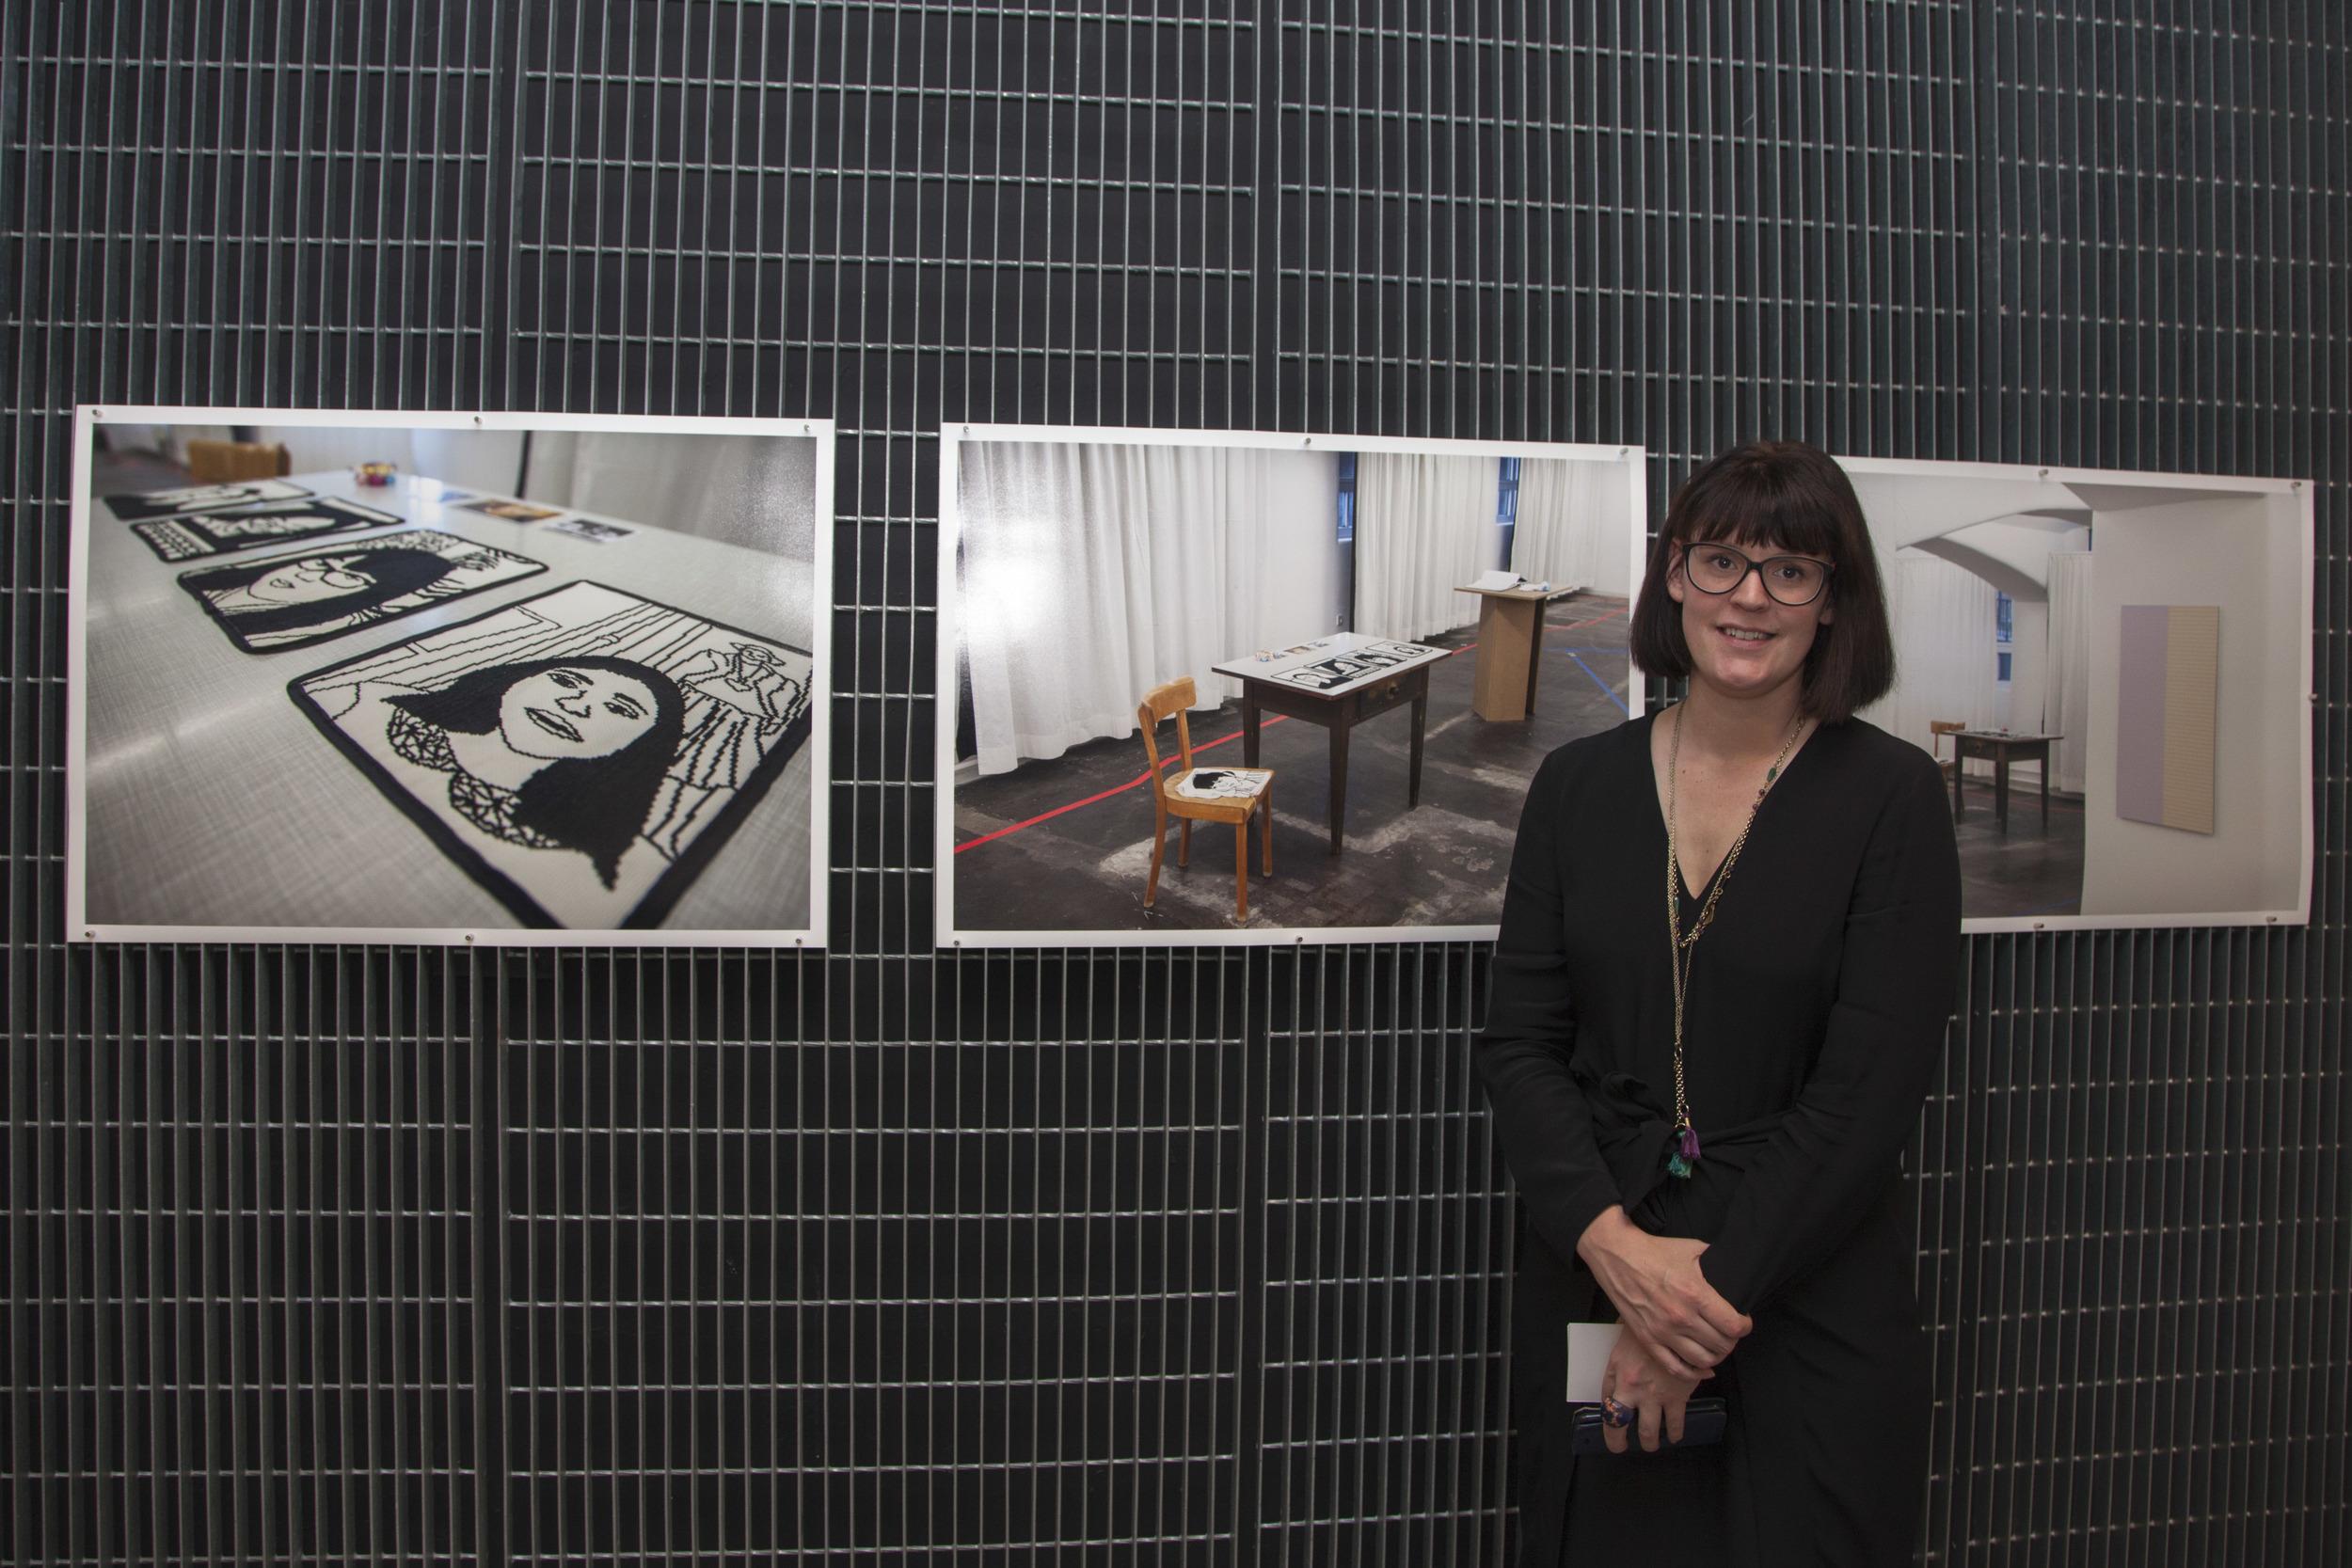 Clare McCracken at the book launch, June 15, 2016, Melbourne Australia, RMIT University, photo: Kate Mollison